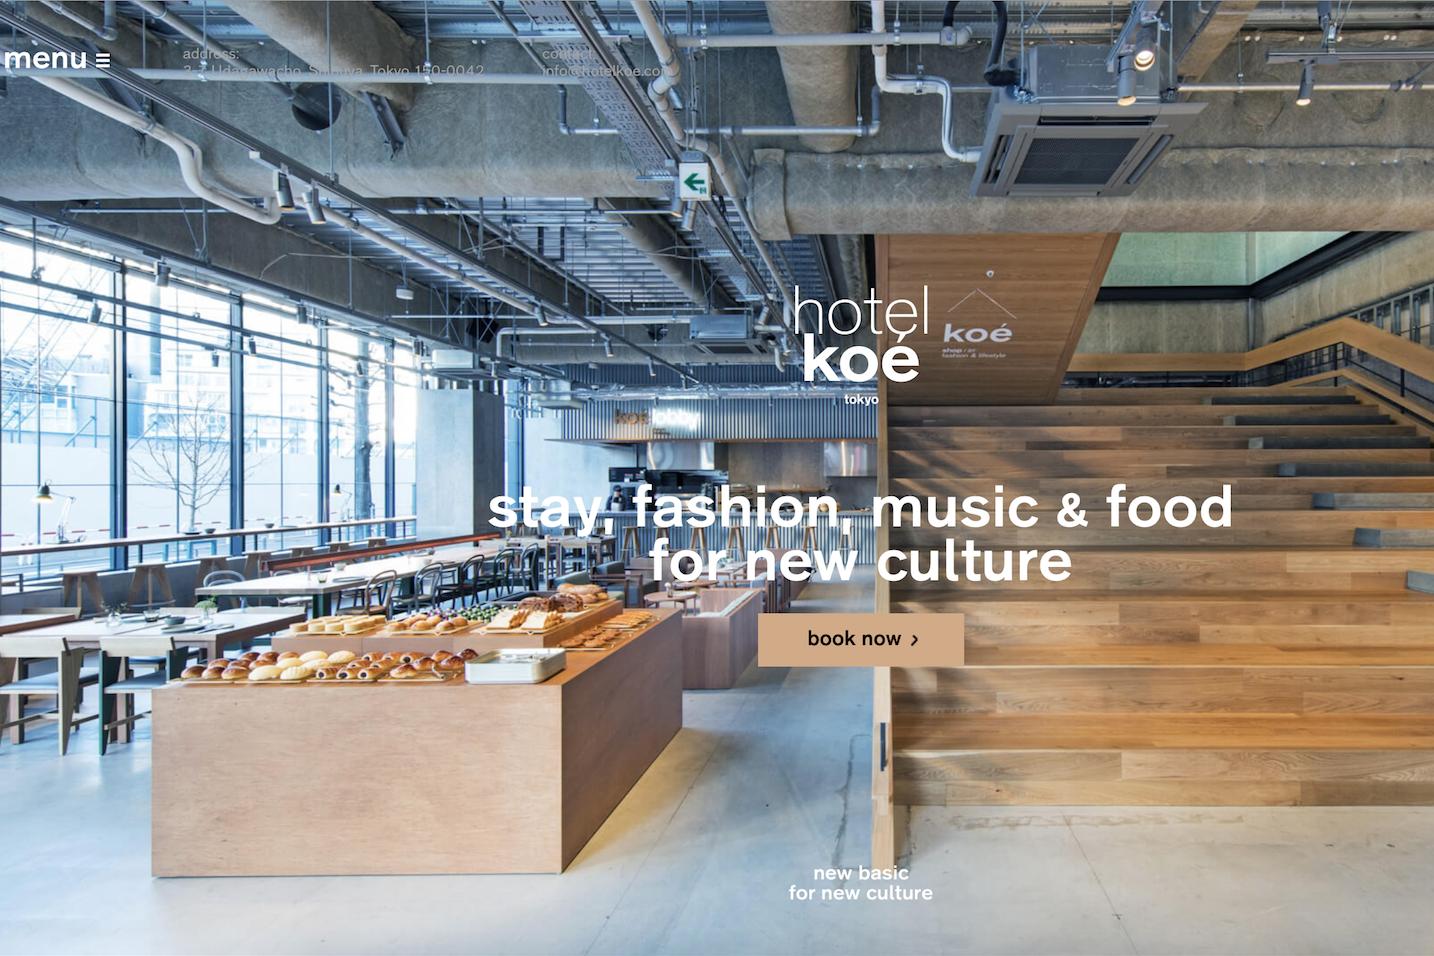 日本时尚集团 Stripe 推出新型门店 Hotel Koe Tokyo:集品牌门店与酒店于一体,融合艺术、时尚和音乐主题